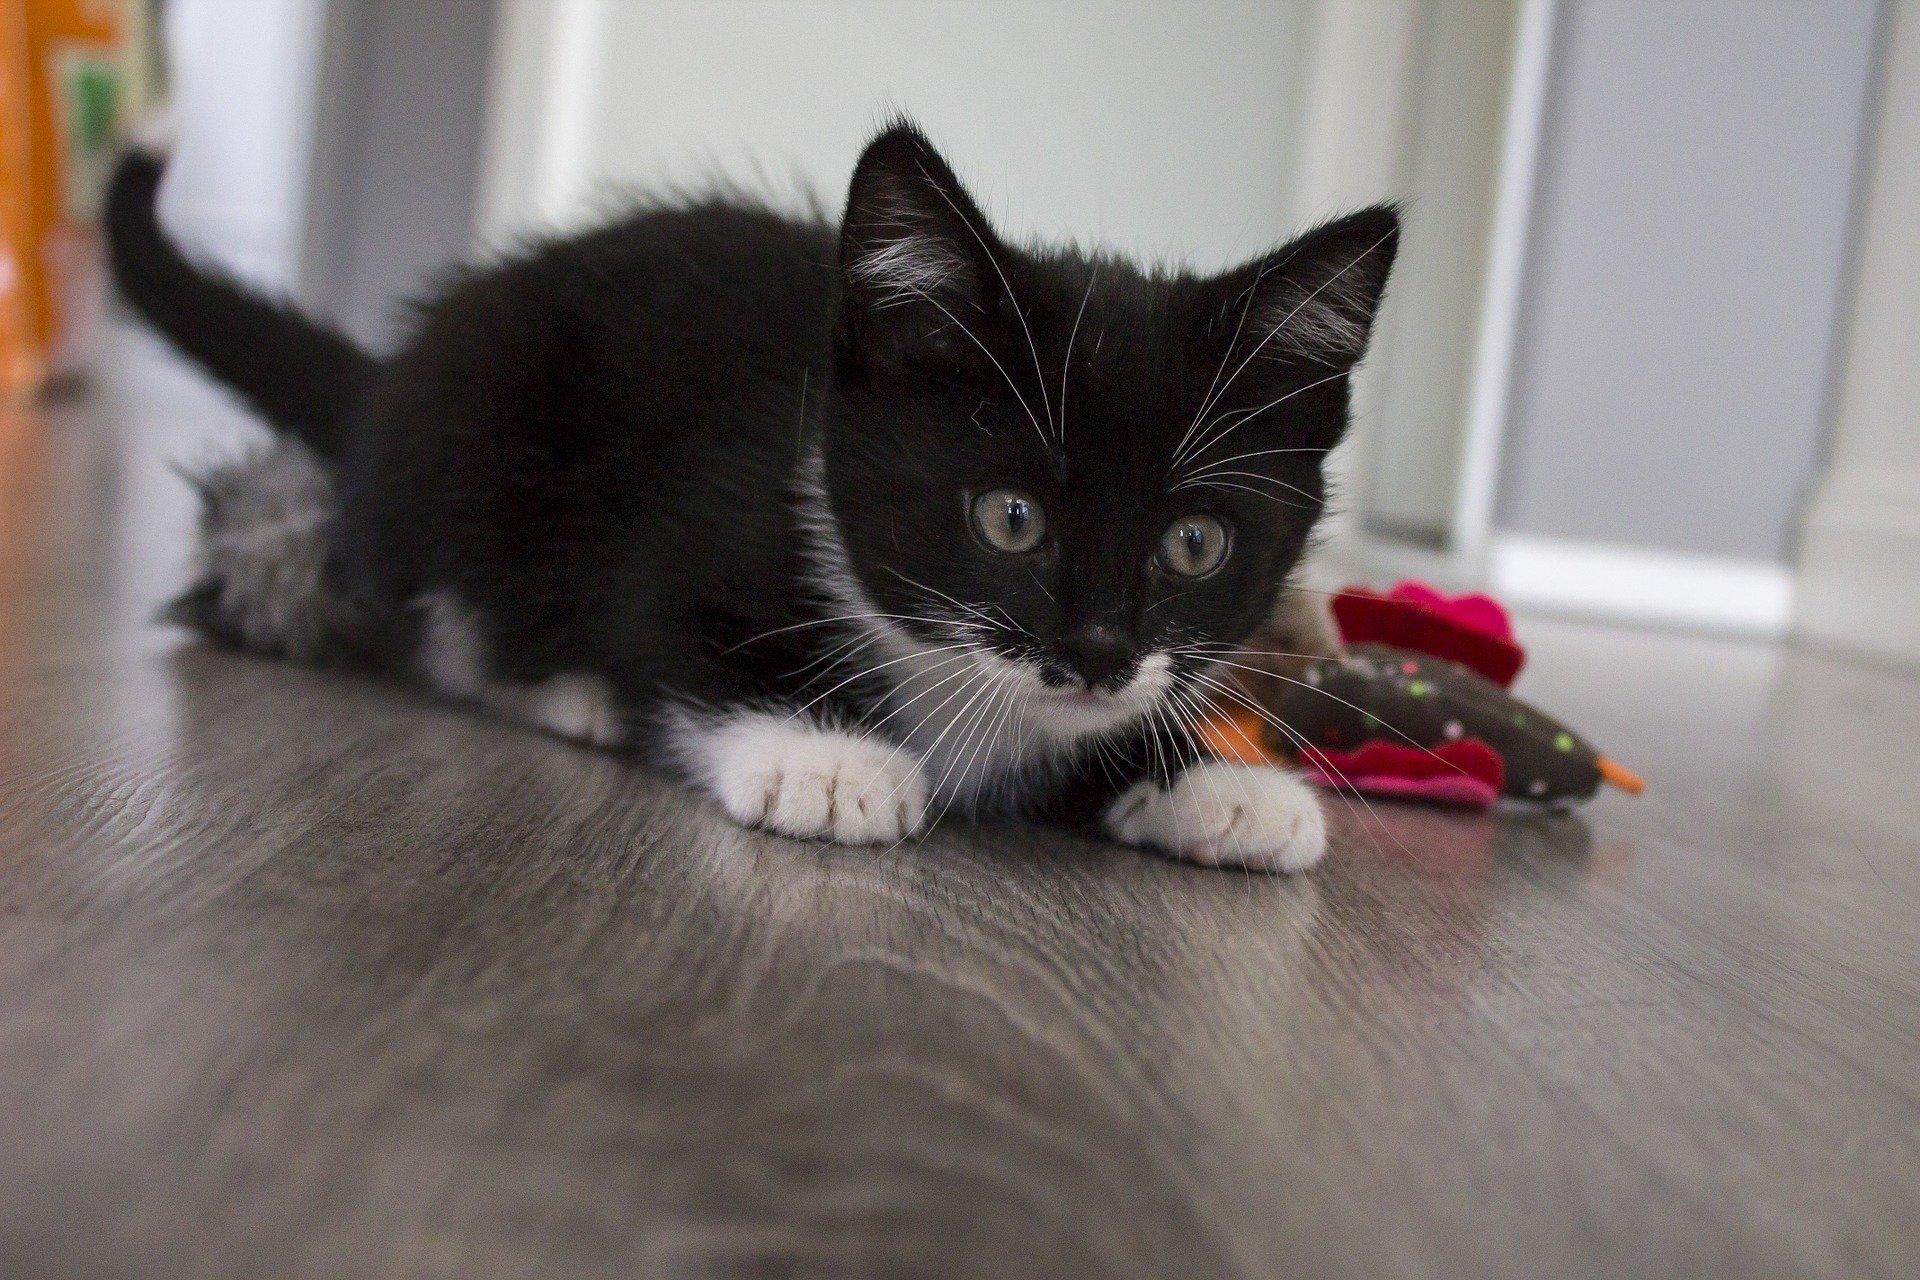 Giochi per gatti fai da te: come divertirsi in casa